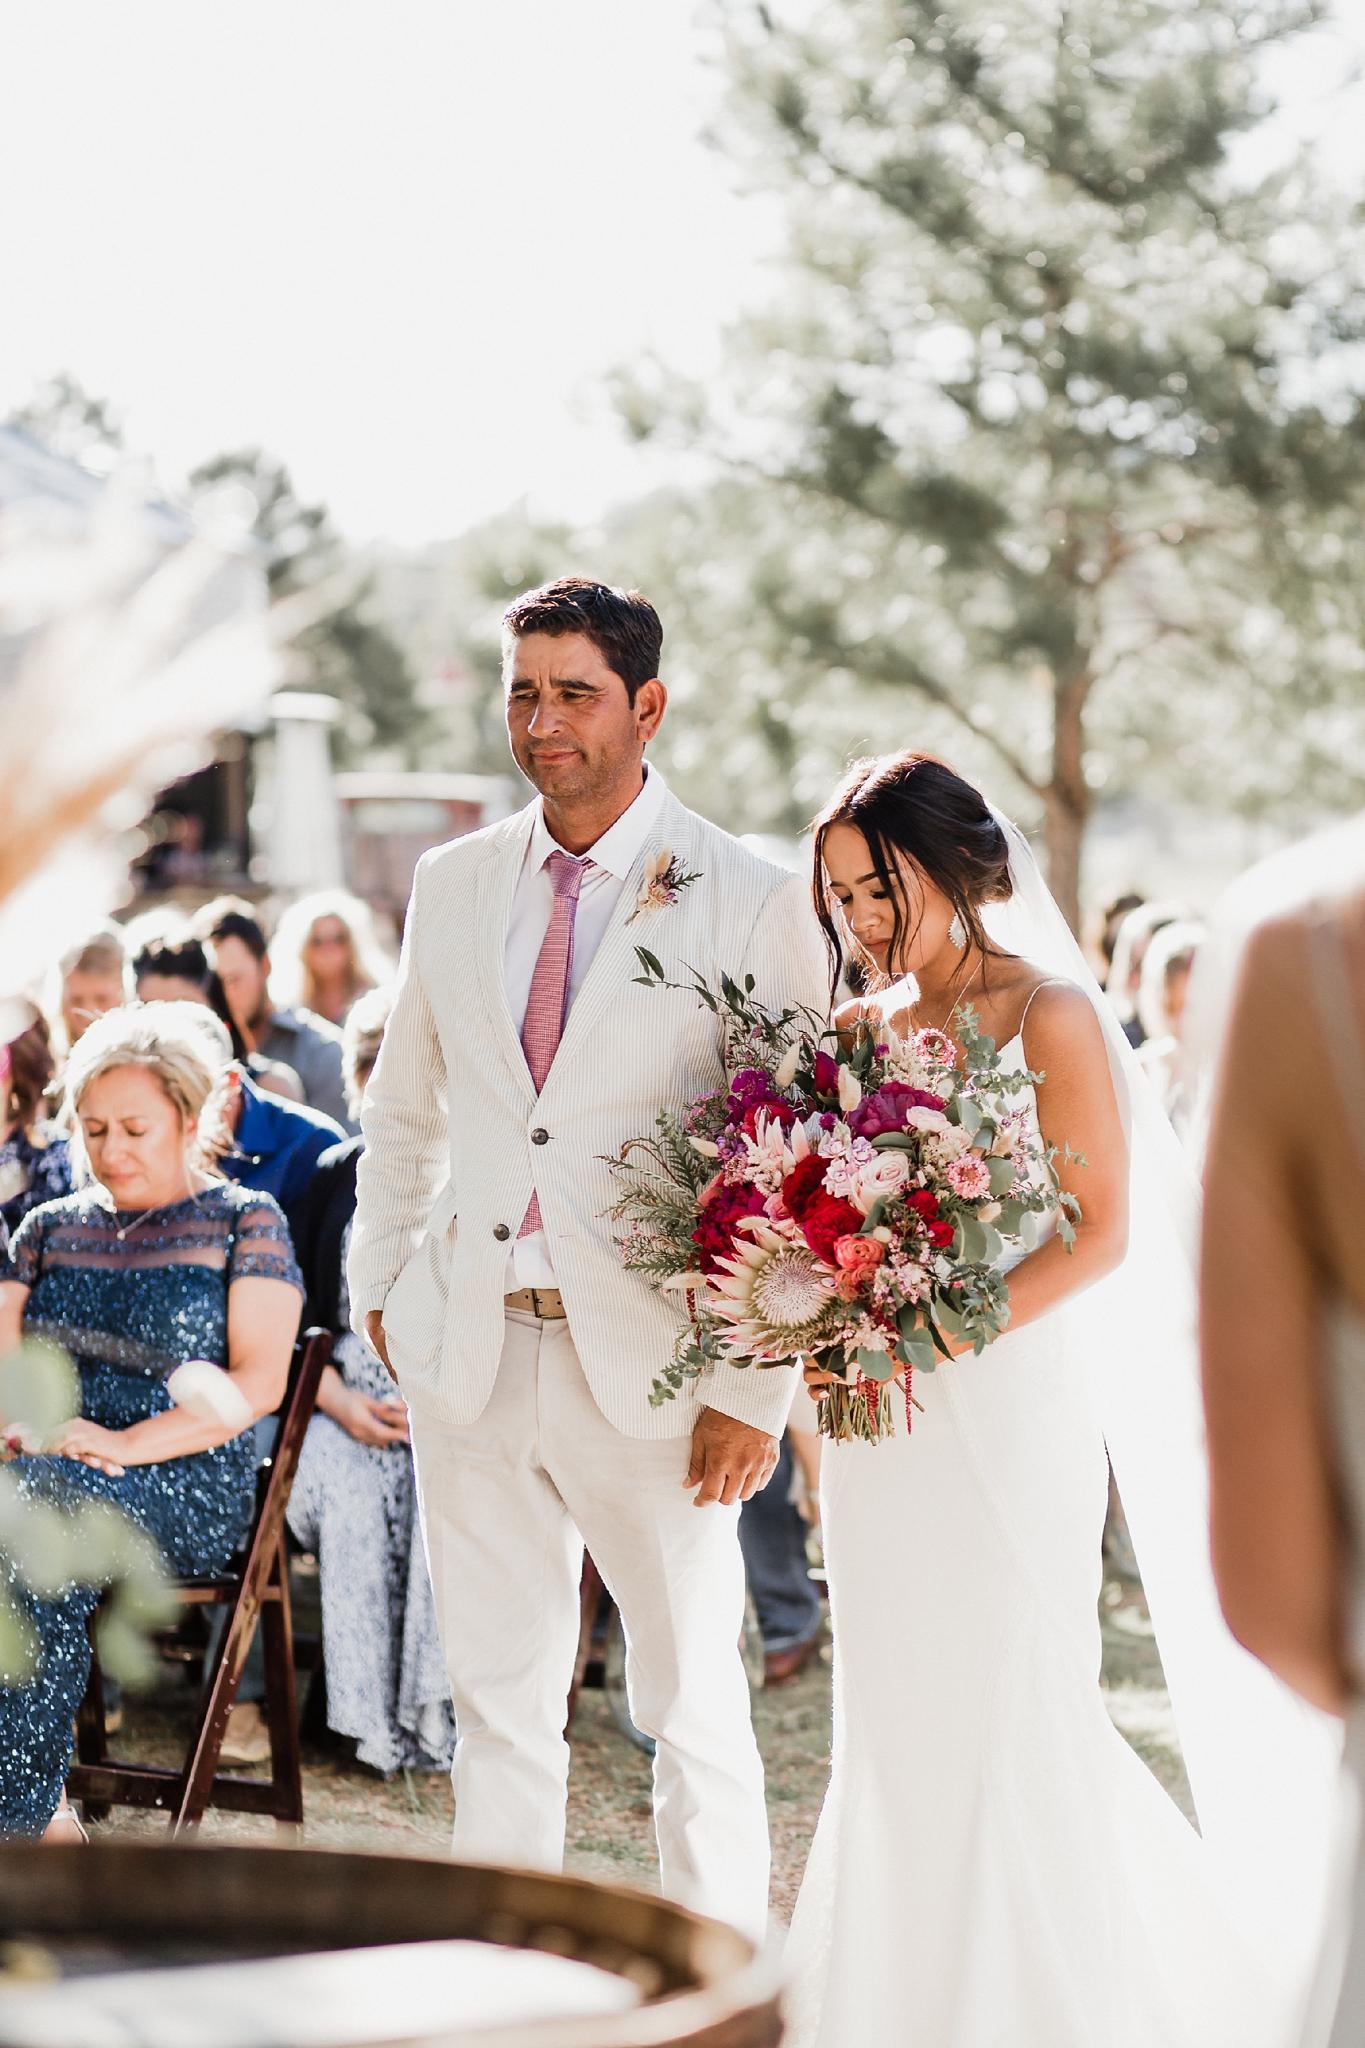 Alicia+lucia+photography+-+albuquerque+wedding+photographer+-+santa+fe+wedding+photography+-+new+mexico+wedding+photographer+-+new+mexico+wedding+-+new+mexico+wedding+-+barn+wedding+-+enchanted+vine+barn+wedding+-+ruidoso+wedding_0097.jpg